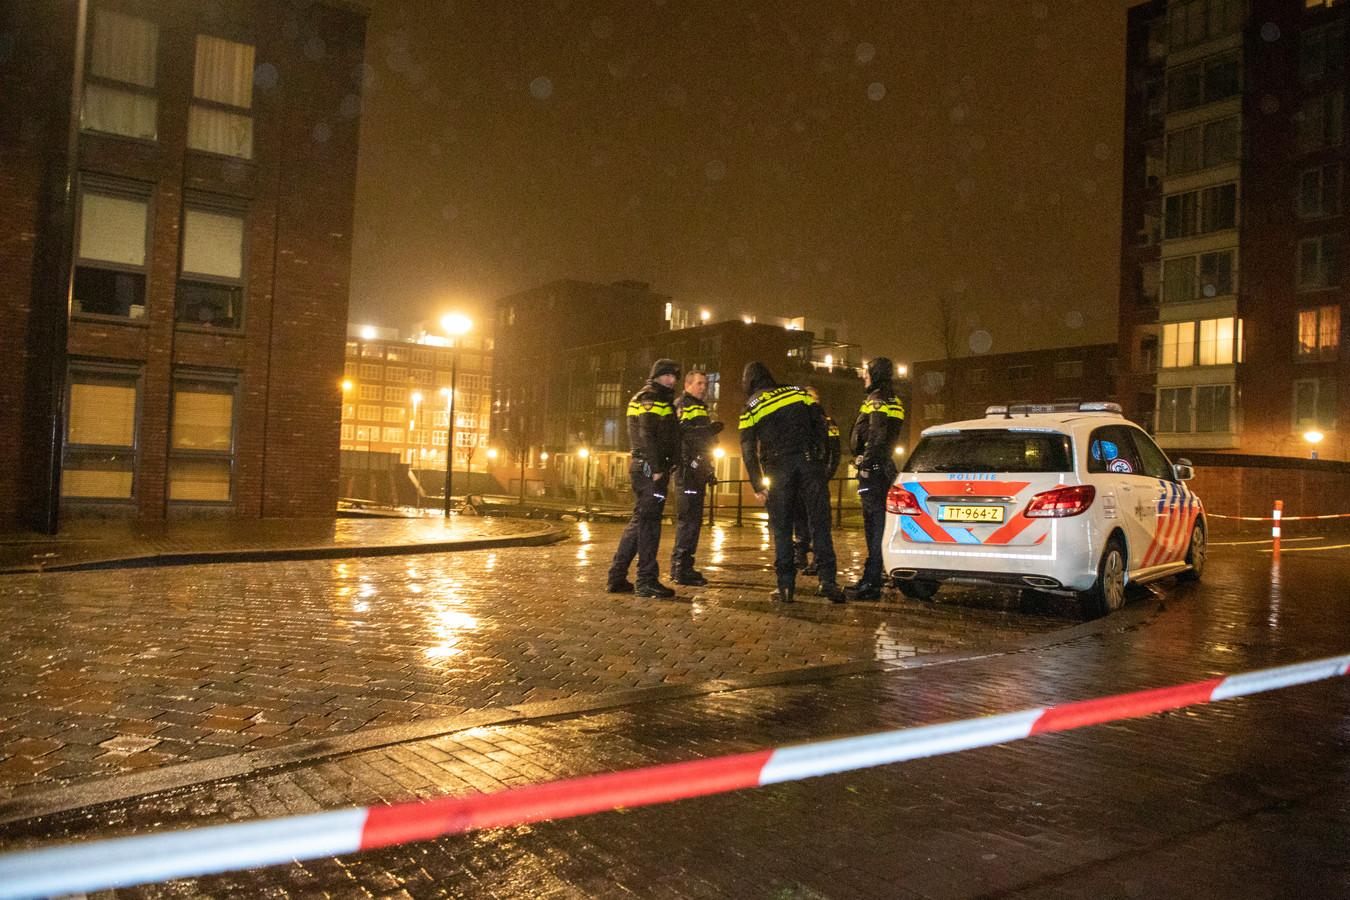 Politie op de plek waar de 43-jarige oud-profvoetballer Yassine Abdellaoui uit Amsterdam werd neergeschoten.